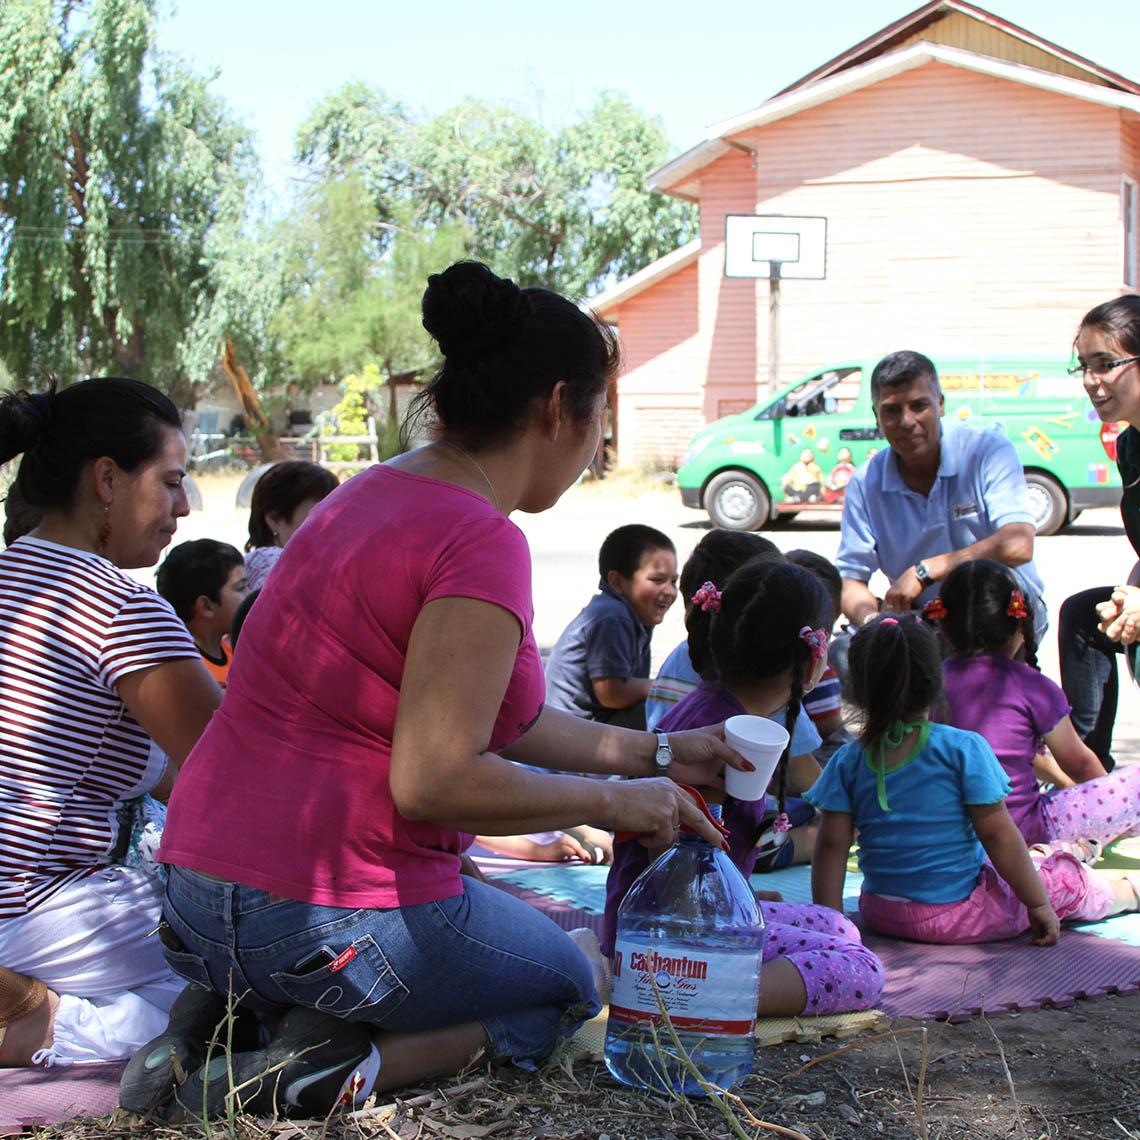 Niños y parvularias participan Jardín Infantil sobre ruedas - Modalidad no convencional